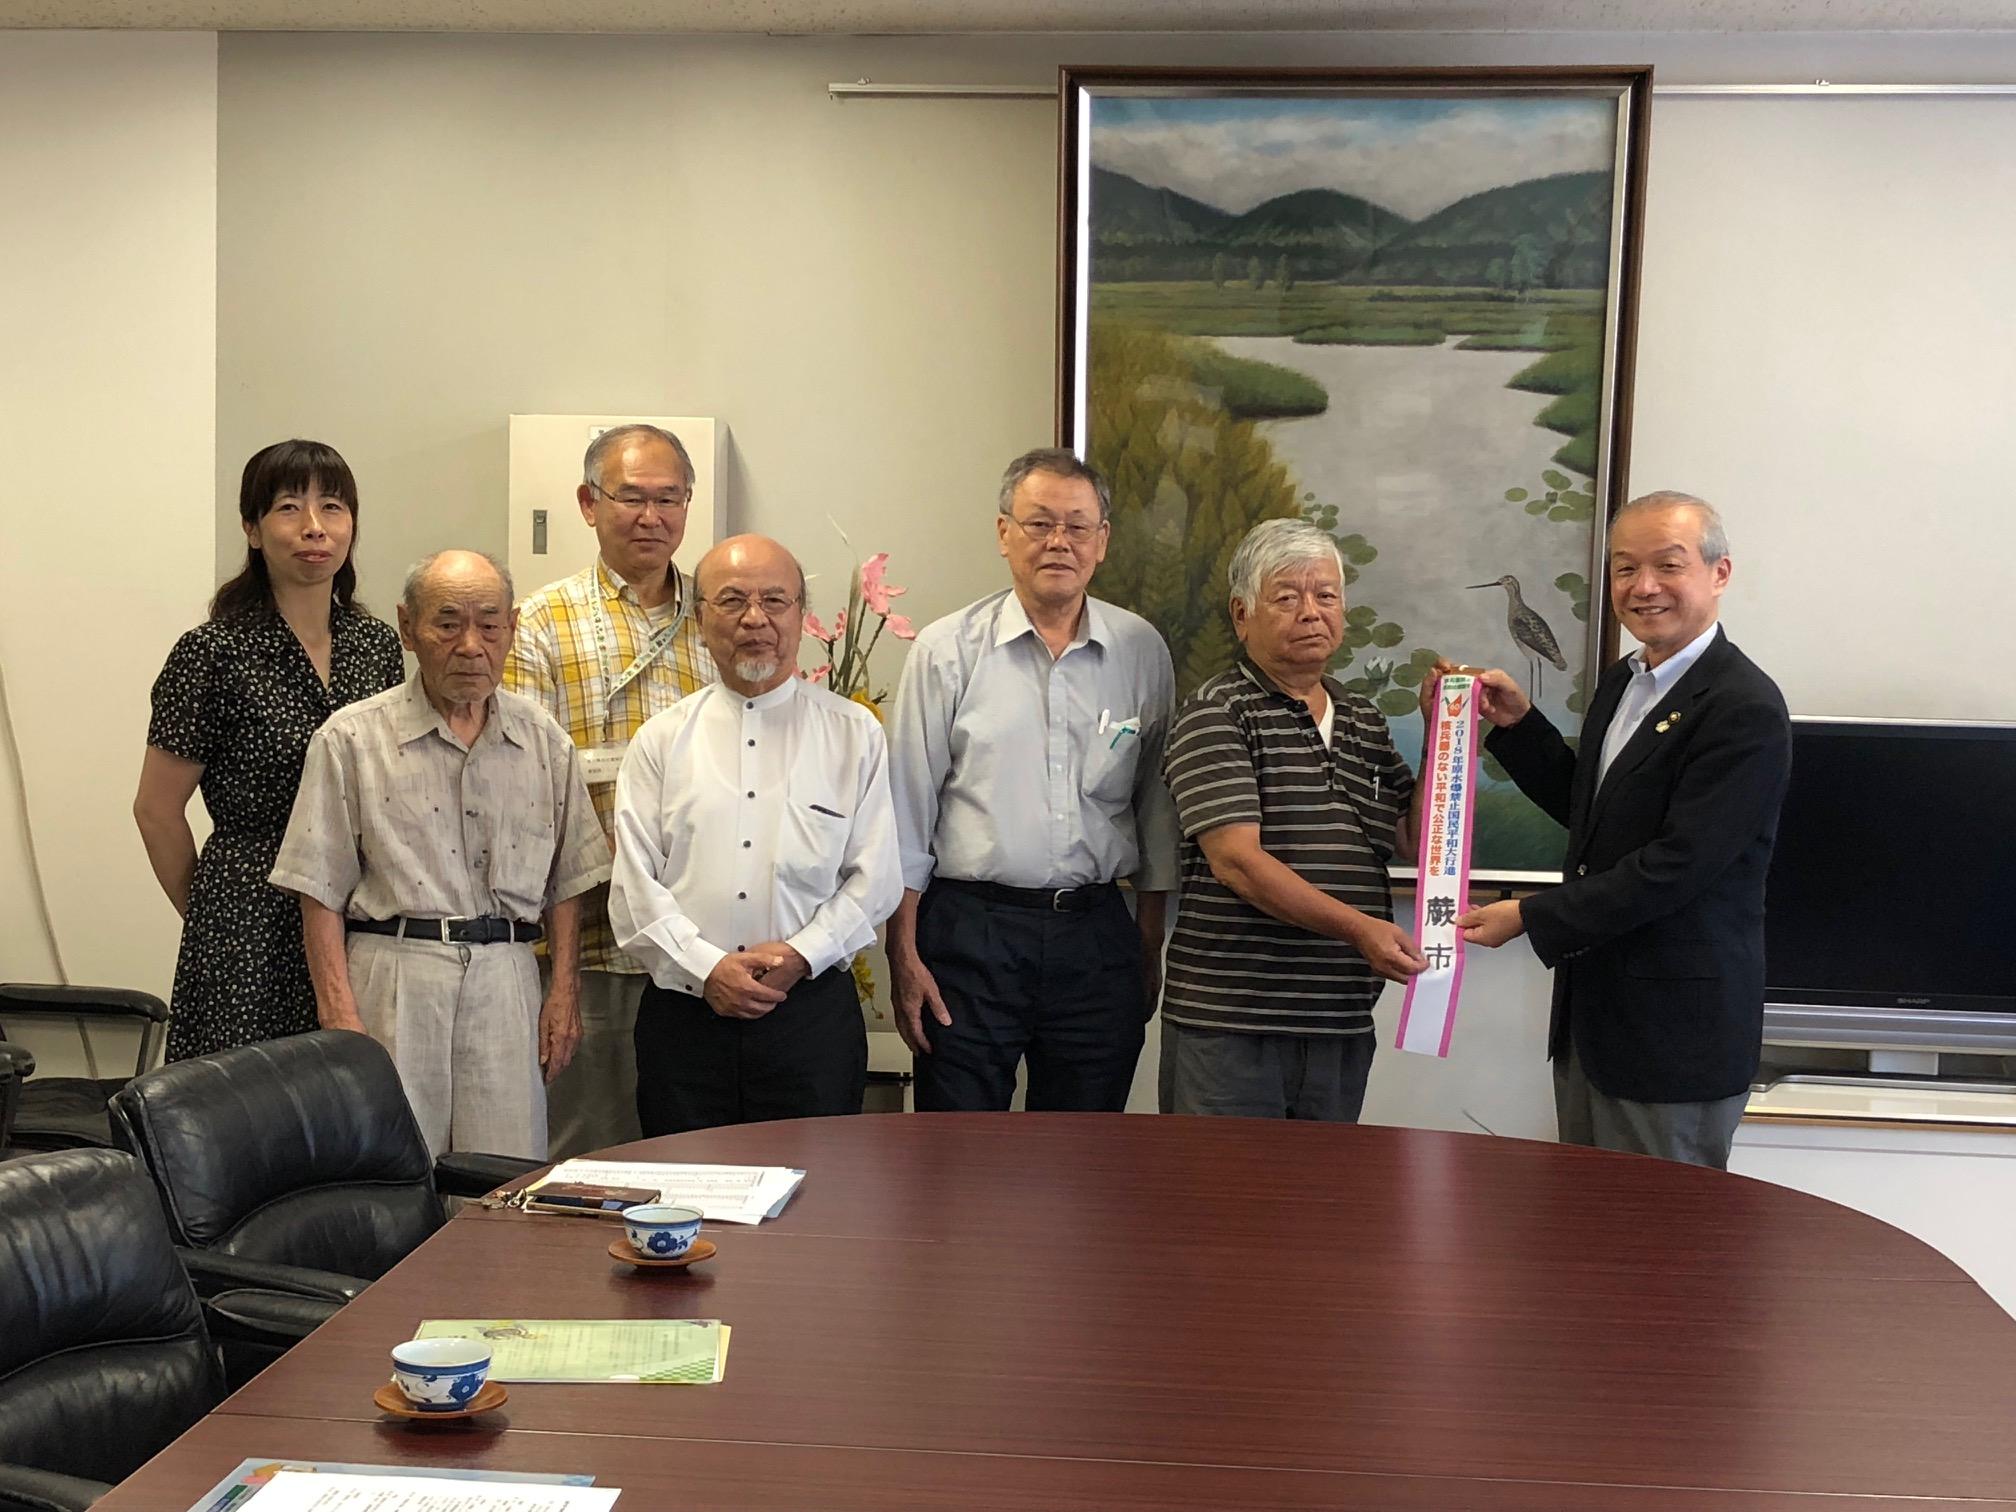 頼高市長から世界大会代表にペナントを手渡す